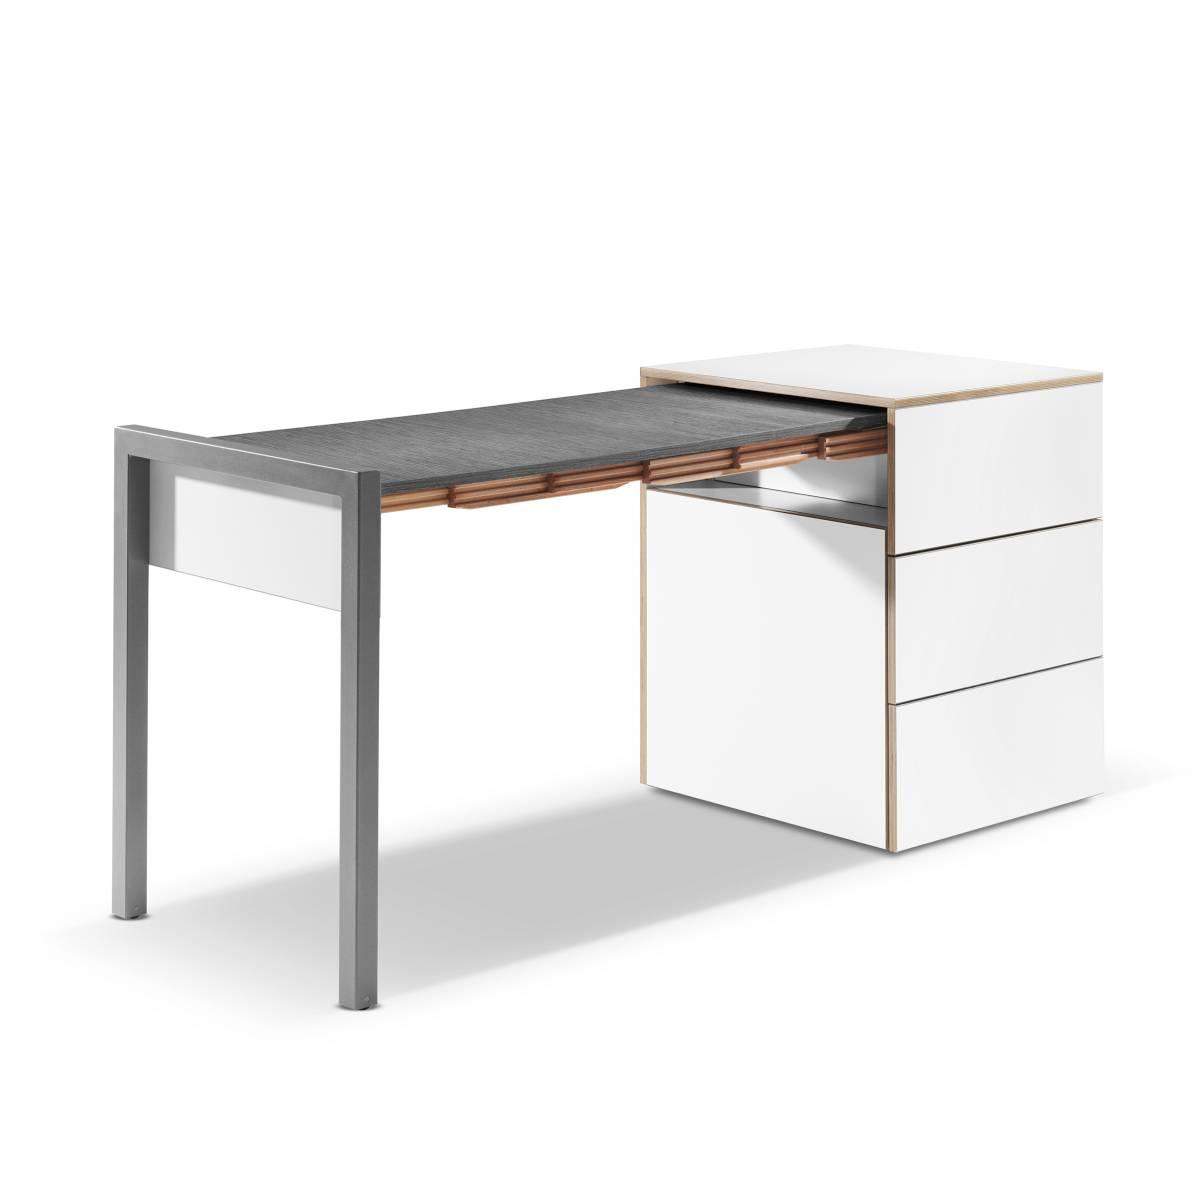 ALWIN Space Box ausziehbarer Tisch, Säule weiß, Tischplatte Orfeo dunkel, nach links